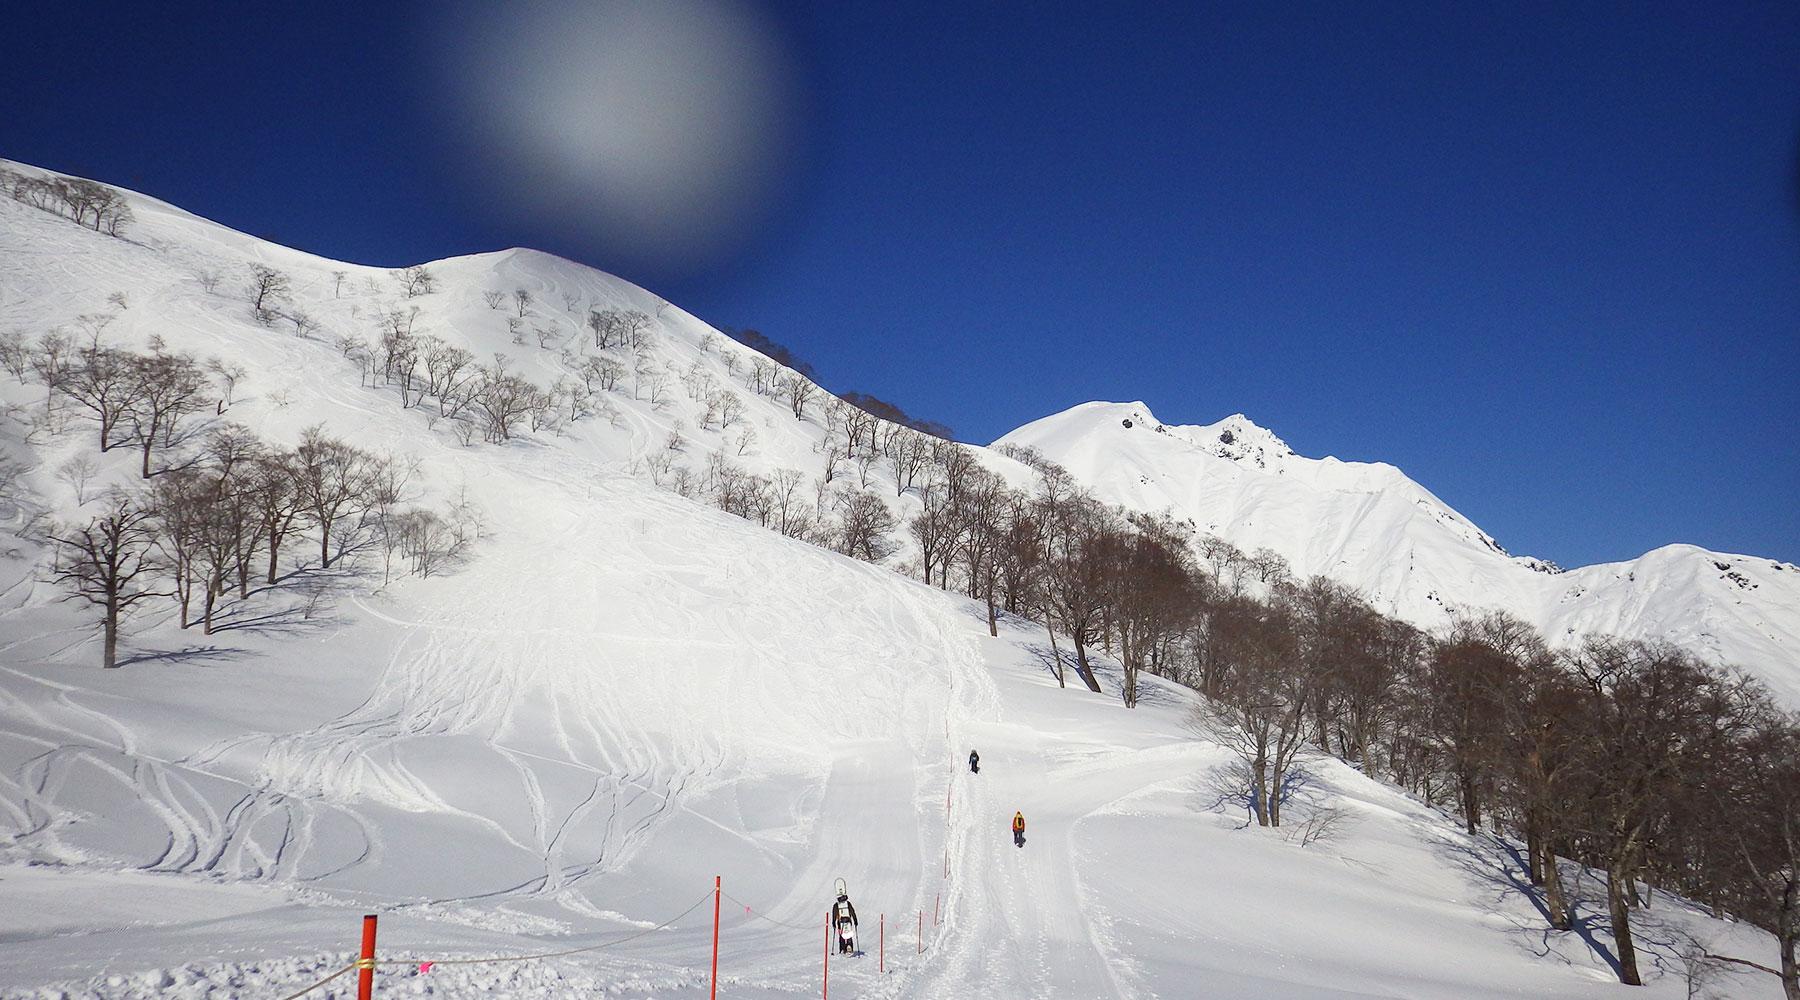 谷川岳・天神平スキー場の脇を登る